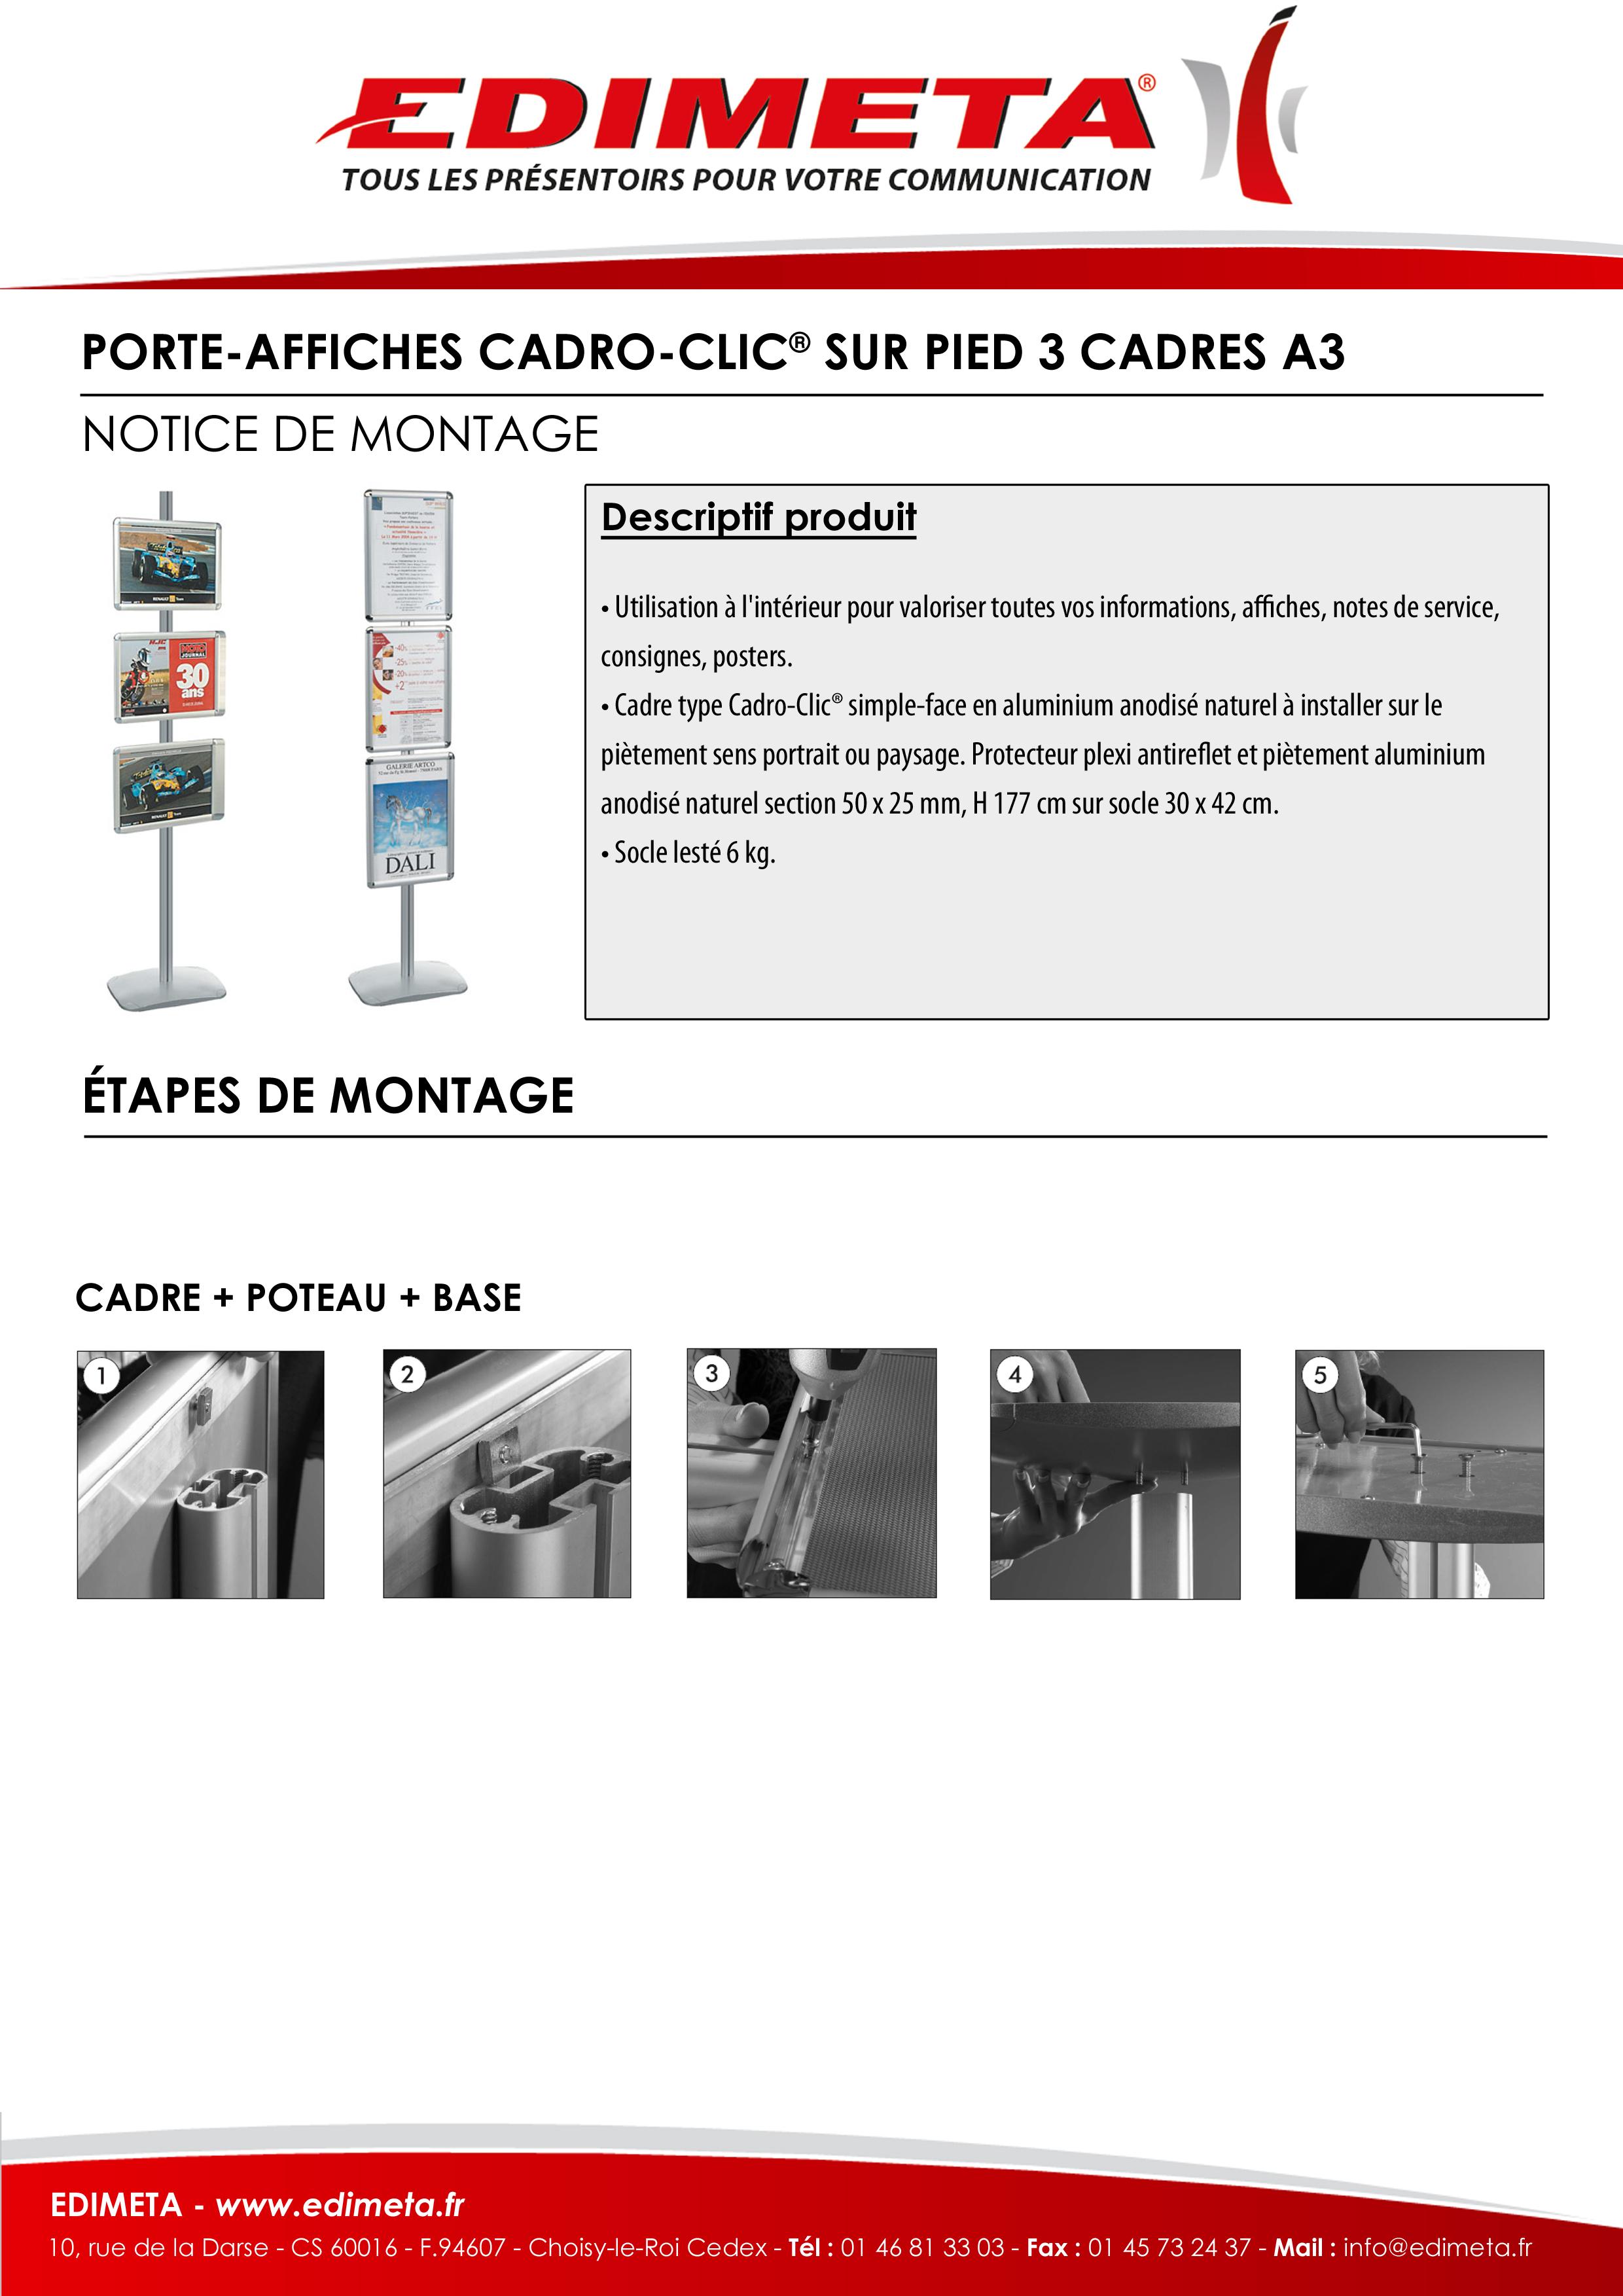 NOTICE DE MONTAGE : PORTE-AFFICHES CADRO-CLIC® SUR PIED 3 CADRES A3